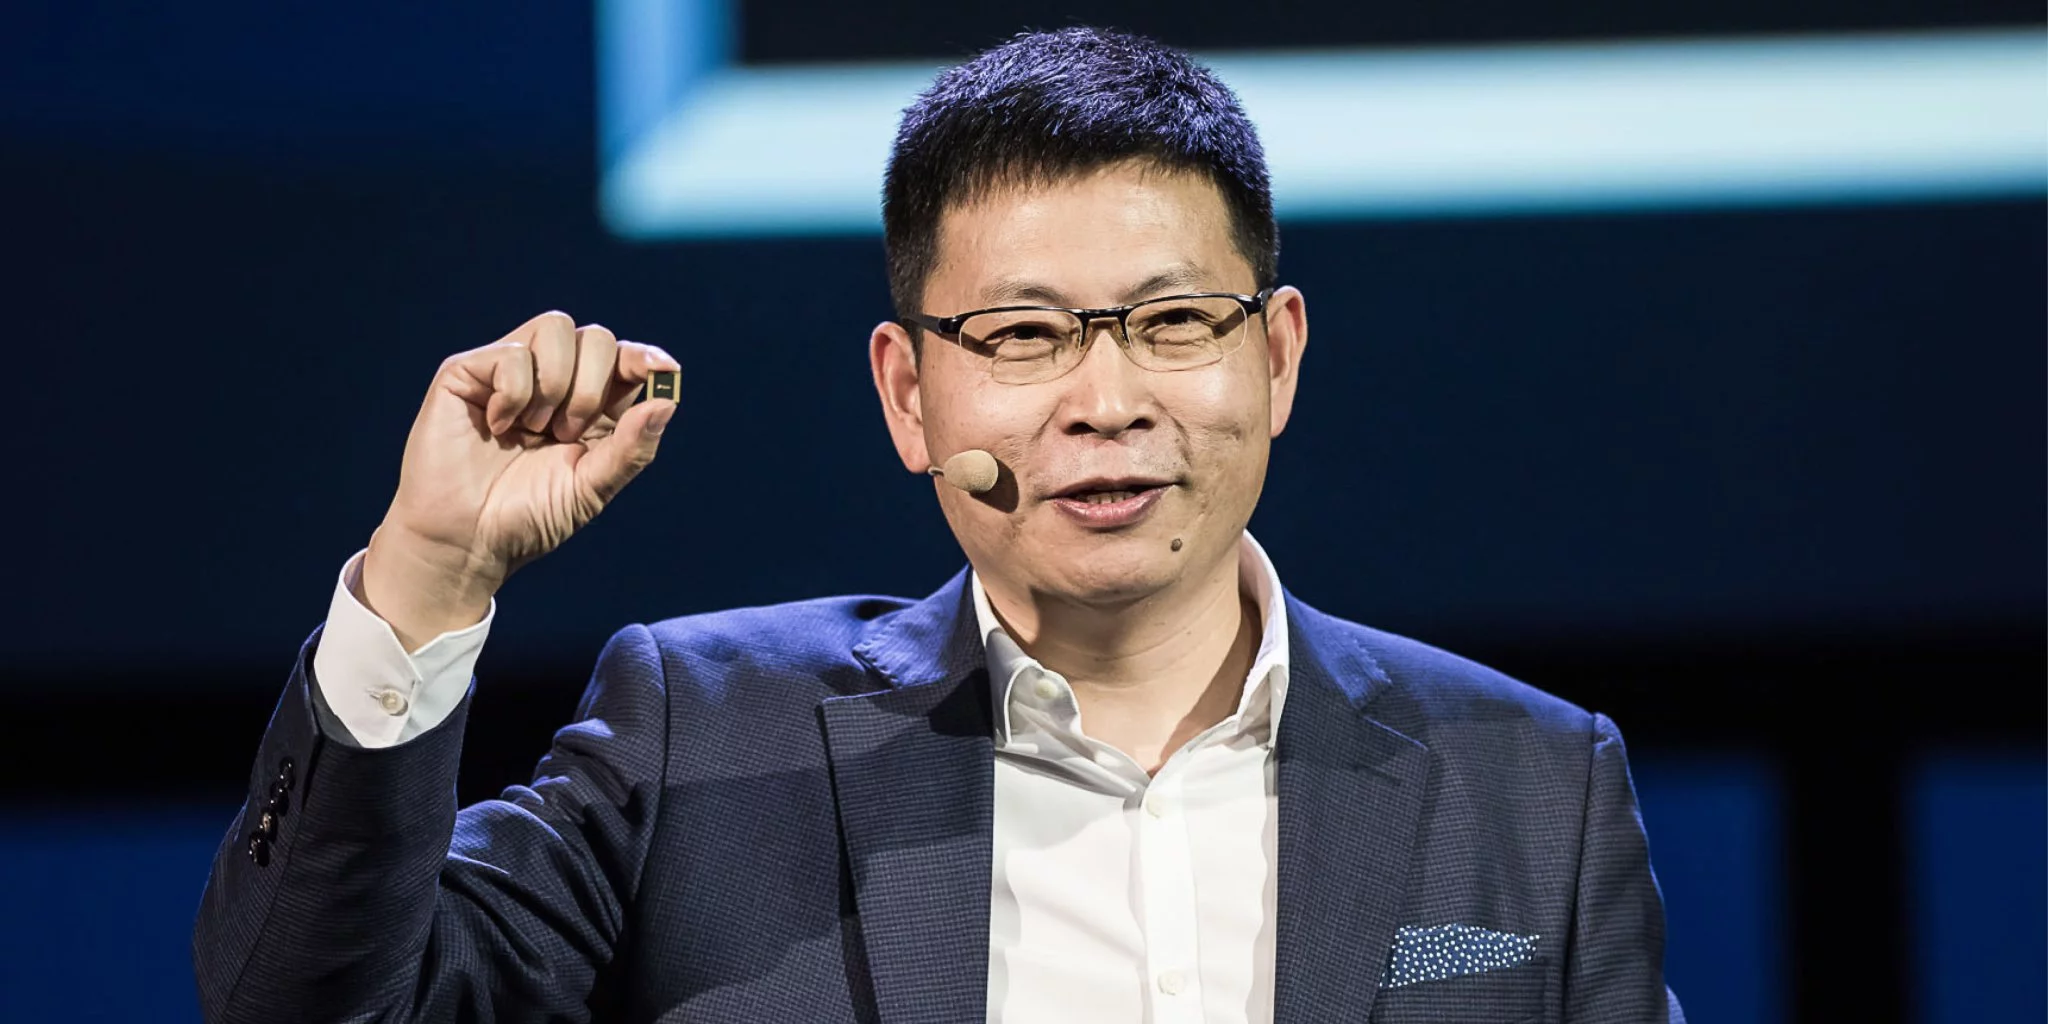 Генеральный директор Huawei заявил, что превзойдет Apple в течение года или двух